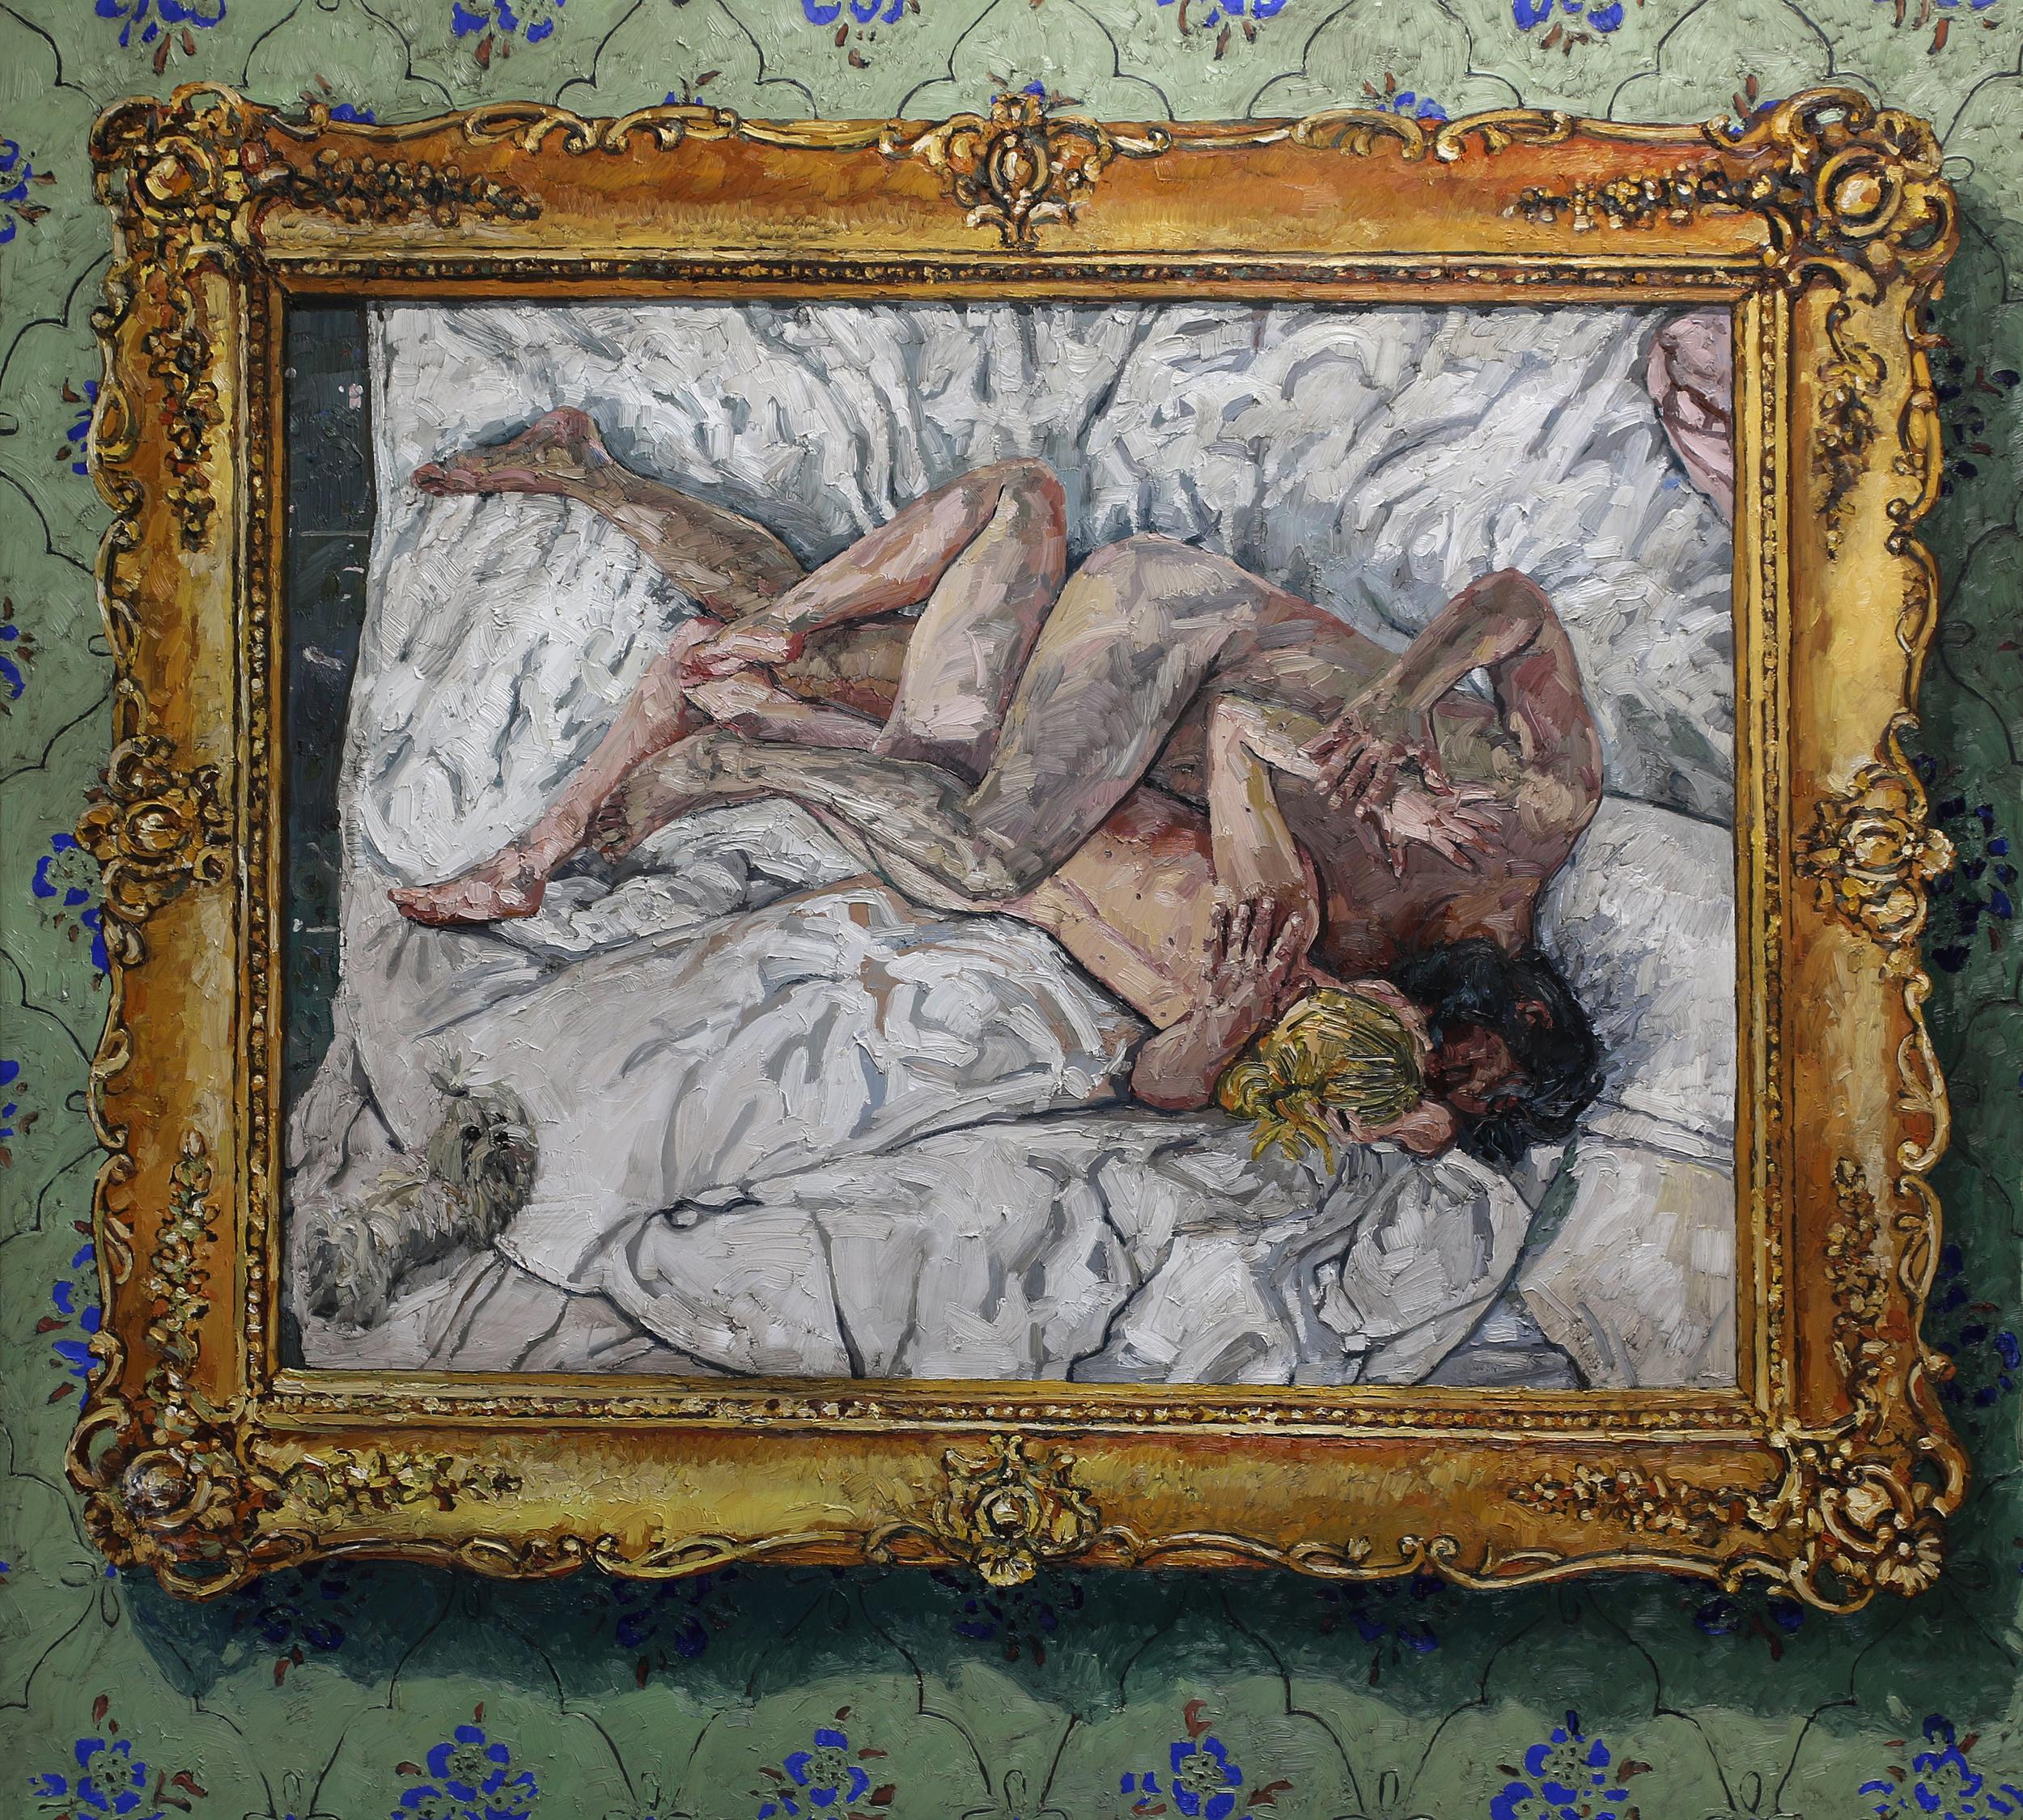 Maleriets opprinnelse   190x210 cm   Olje på lerret   Privat eie